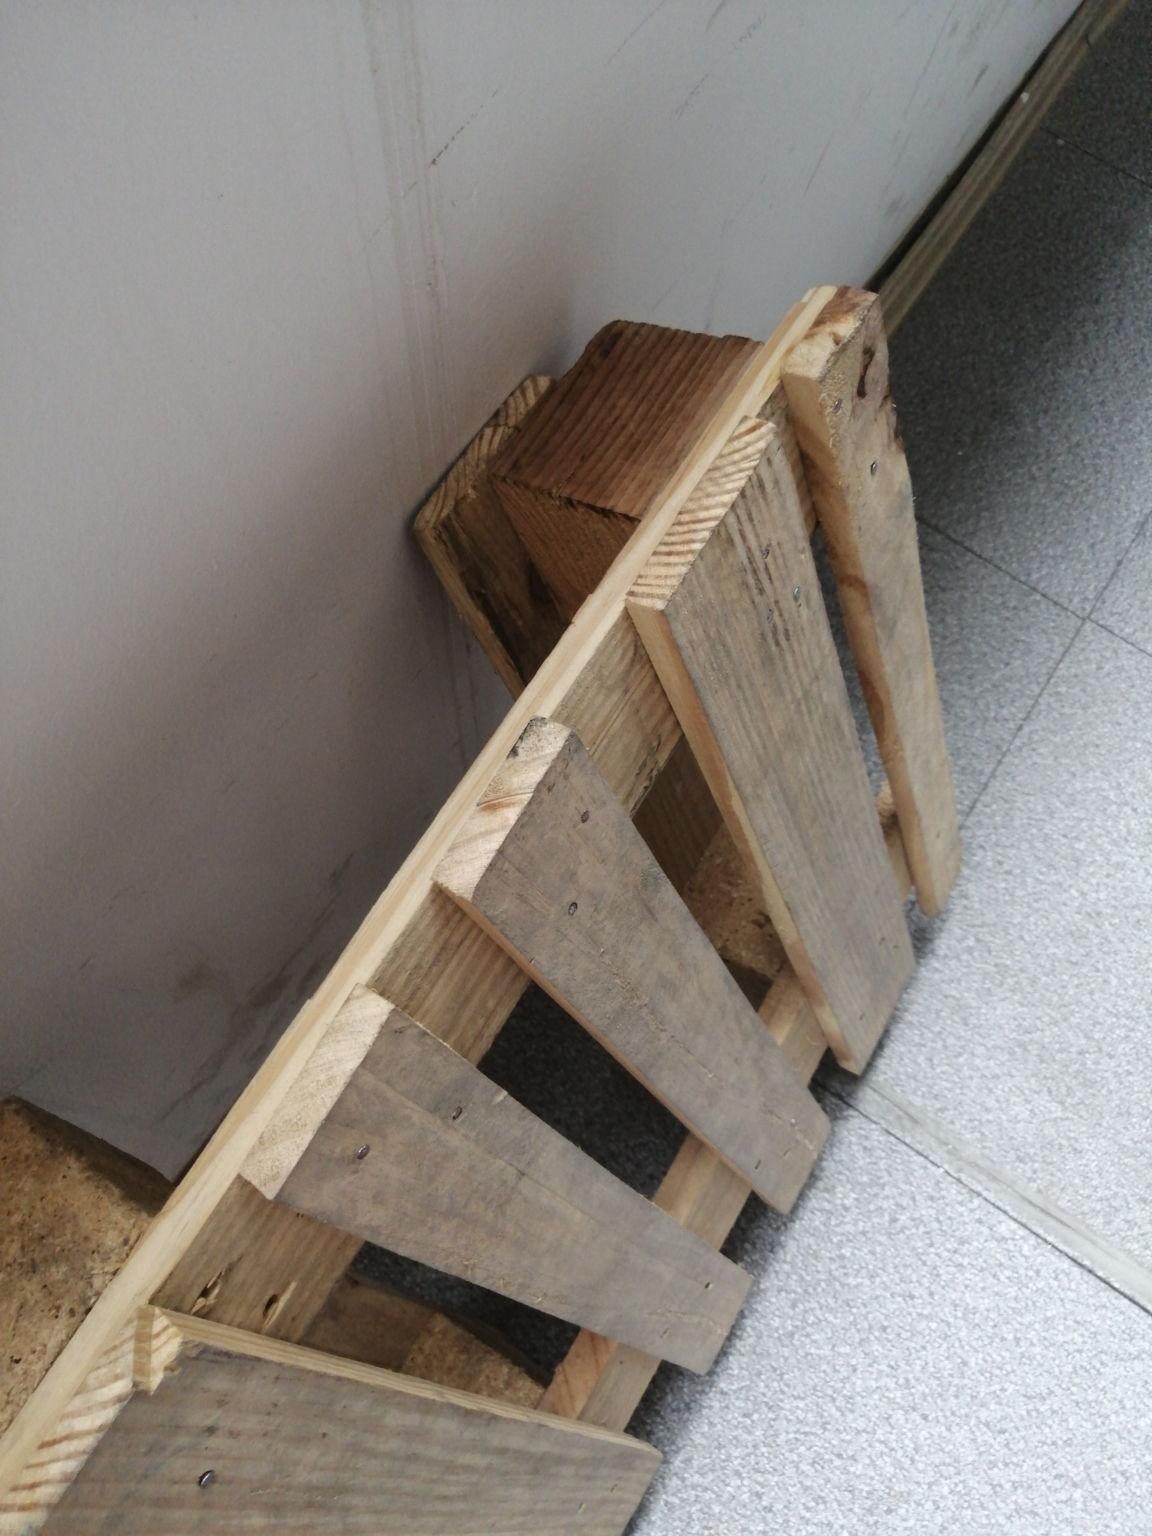 木托盘�,㊚☂ぞ✪▋�装厂家-木托盘�,┷≟Ⓣ�装厂家批发、促销价�,✍➤➫卍☽、产地货